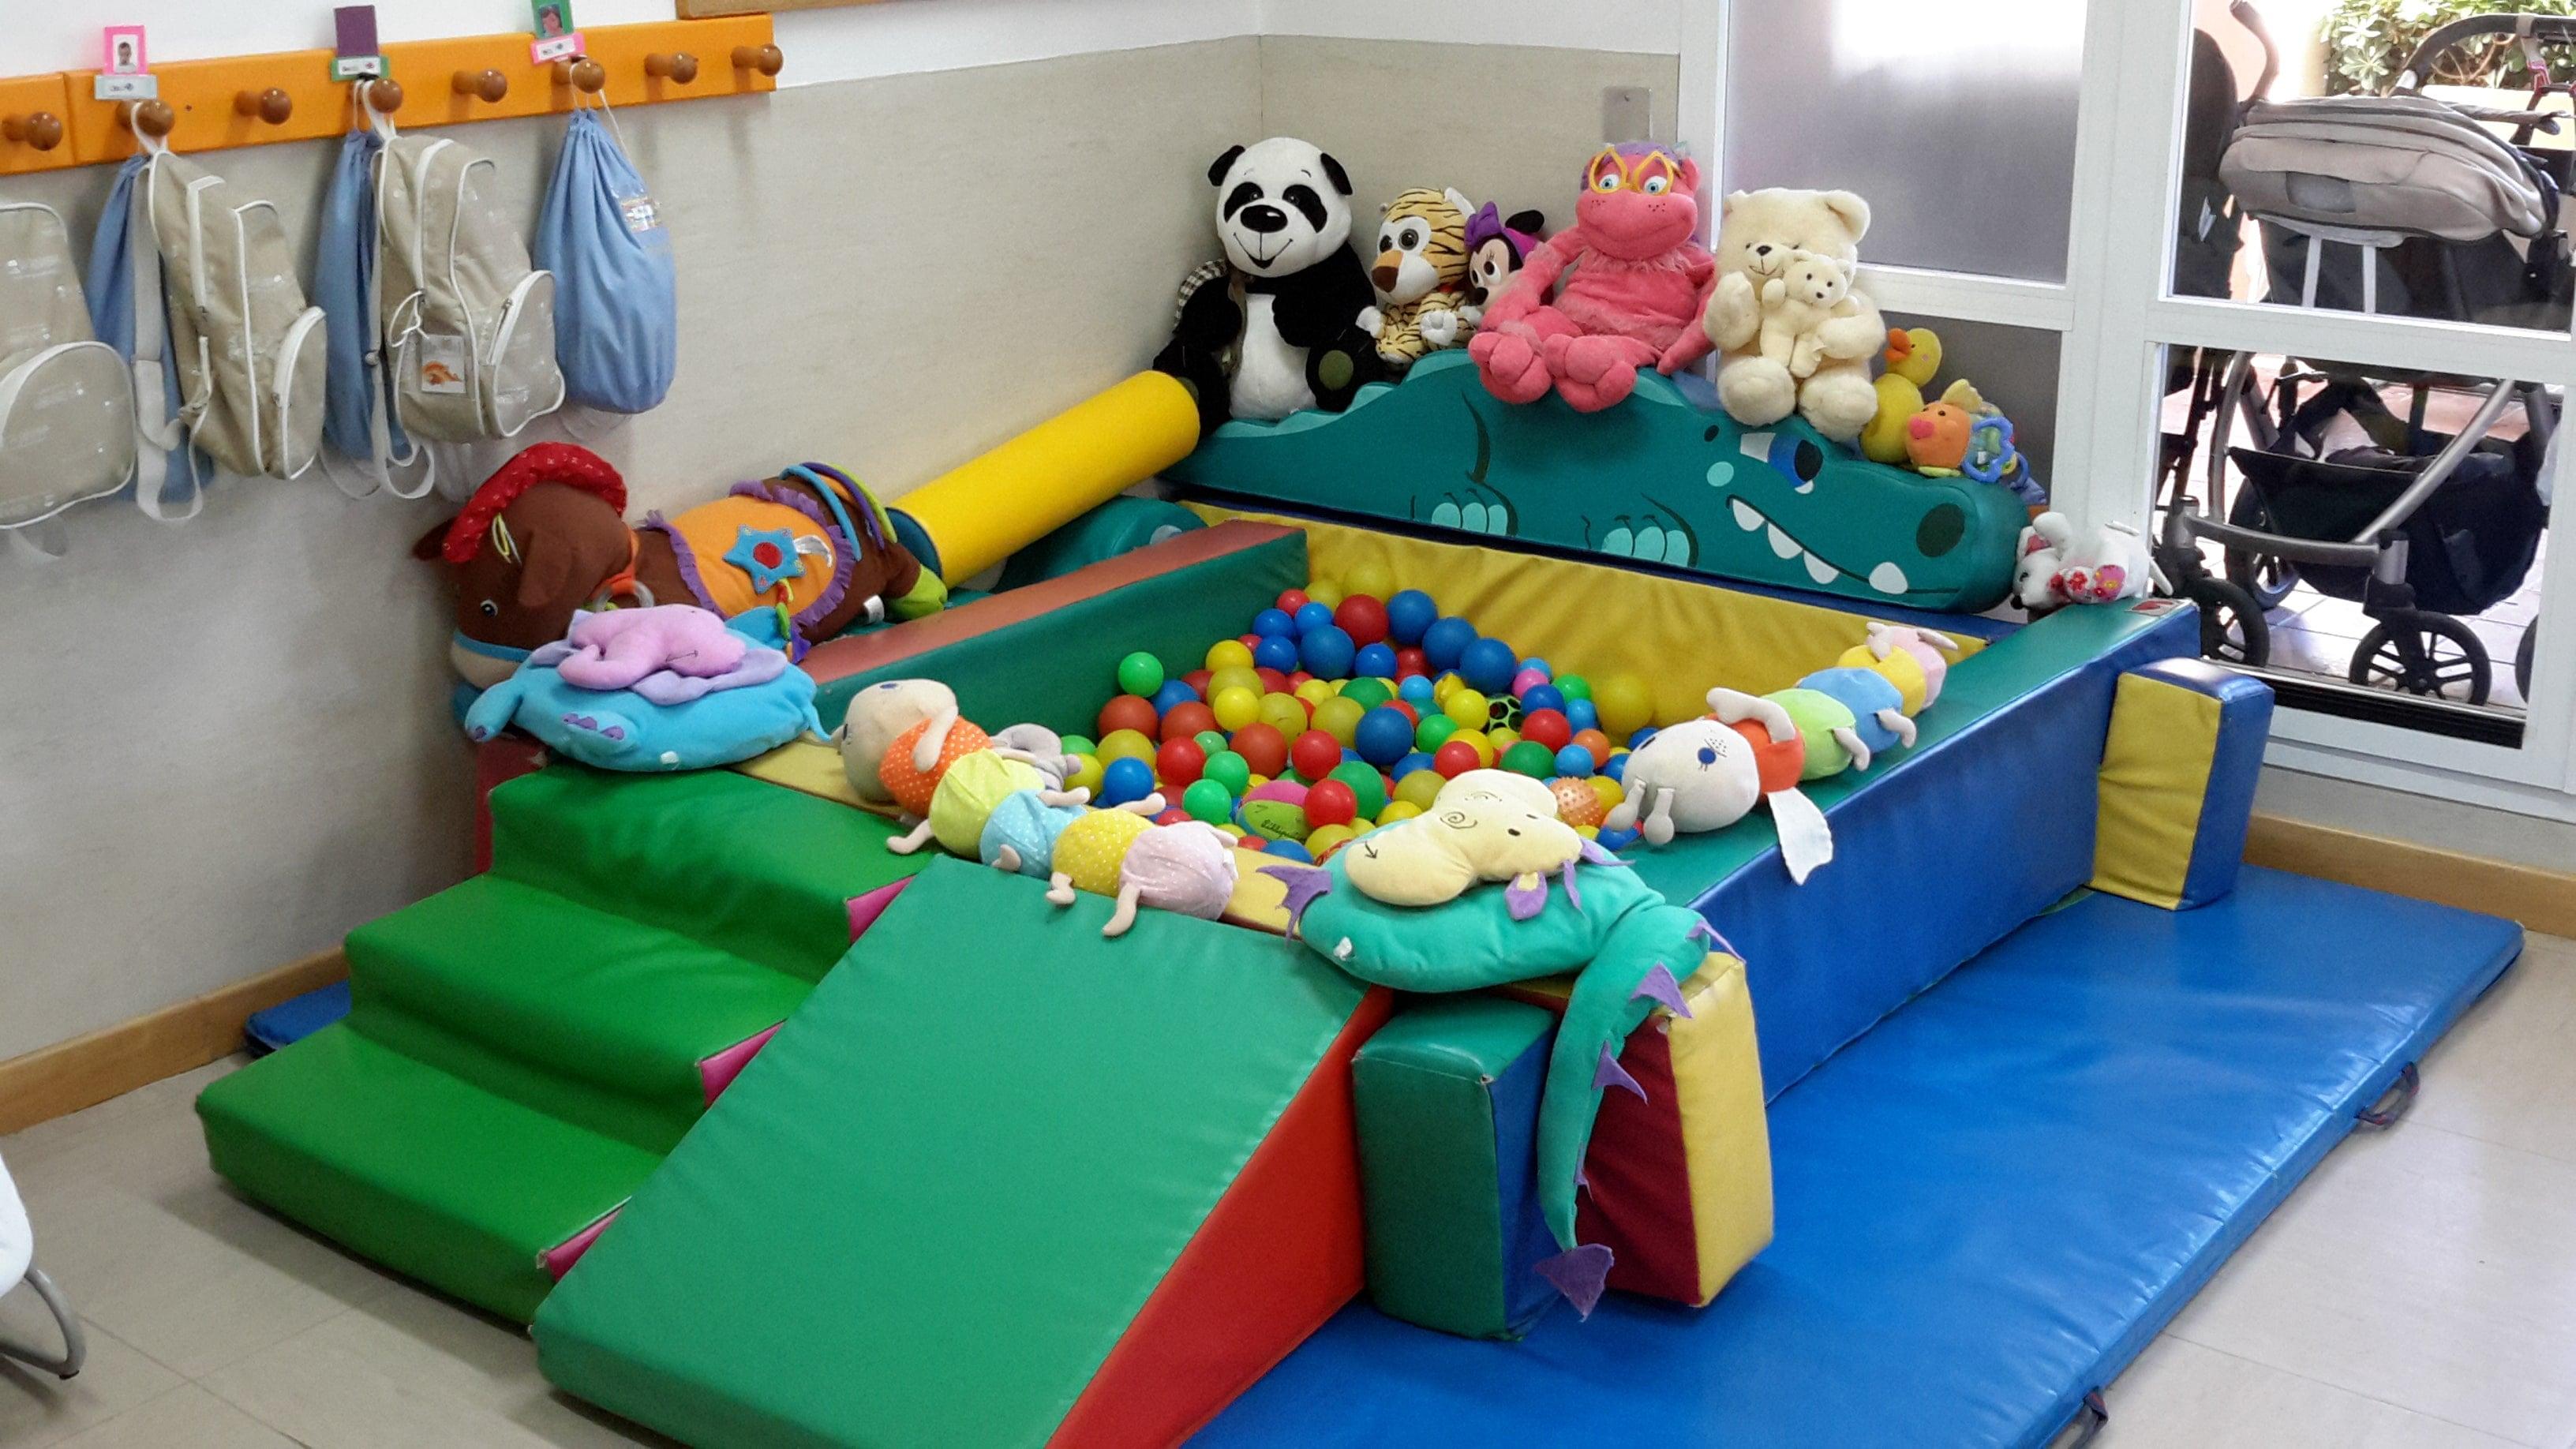 escuela infantil bilingüe en Valencia - piscina de bolas